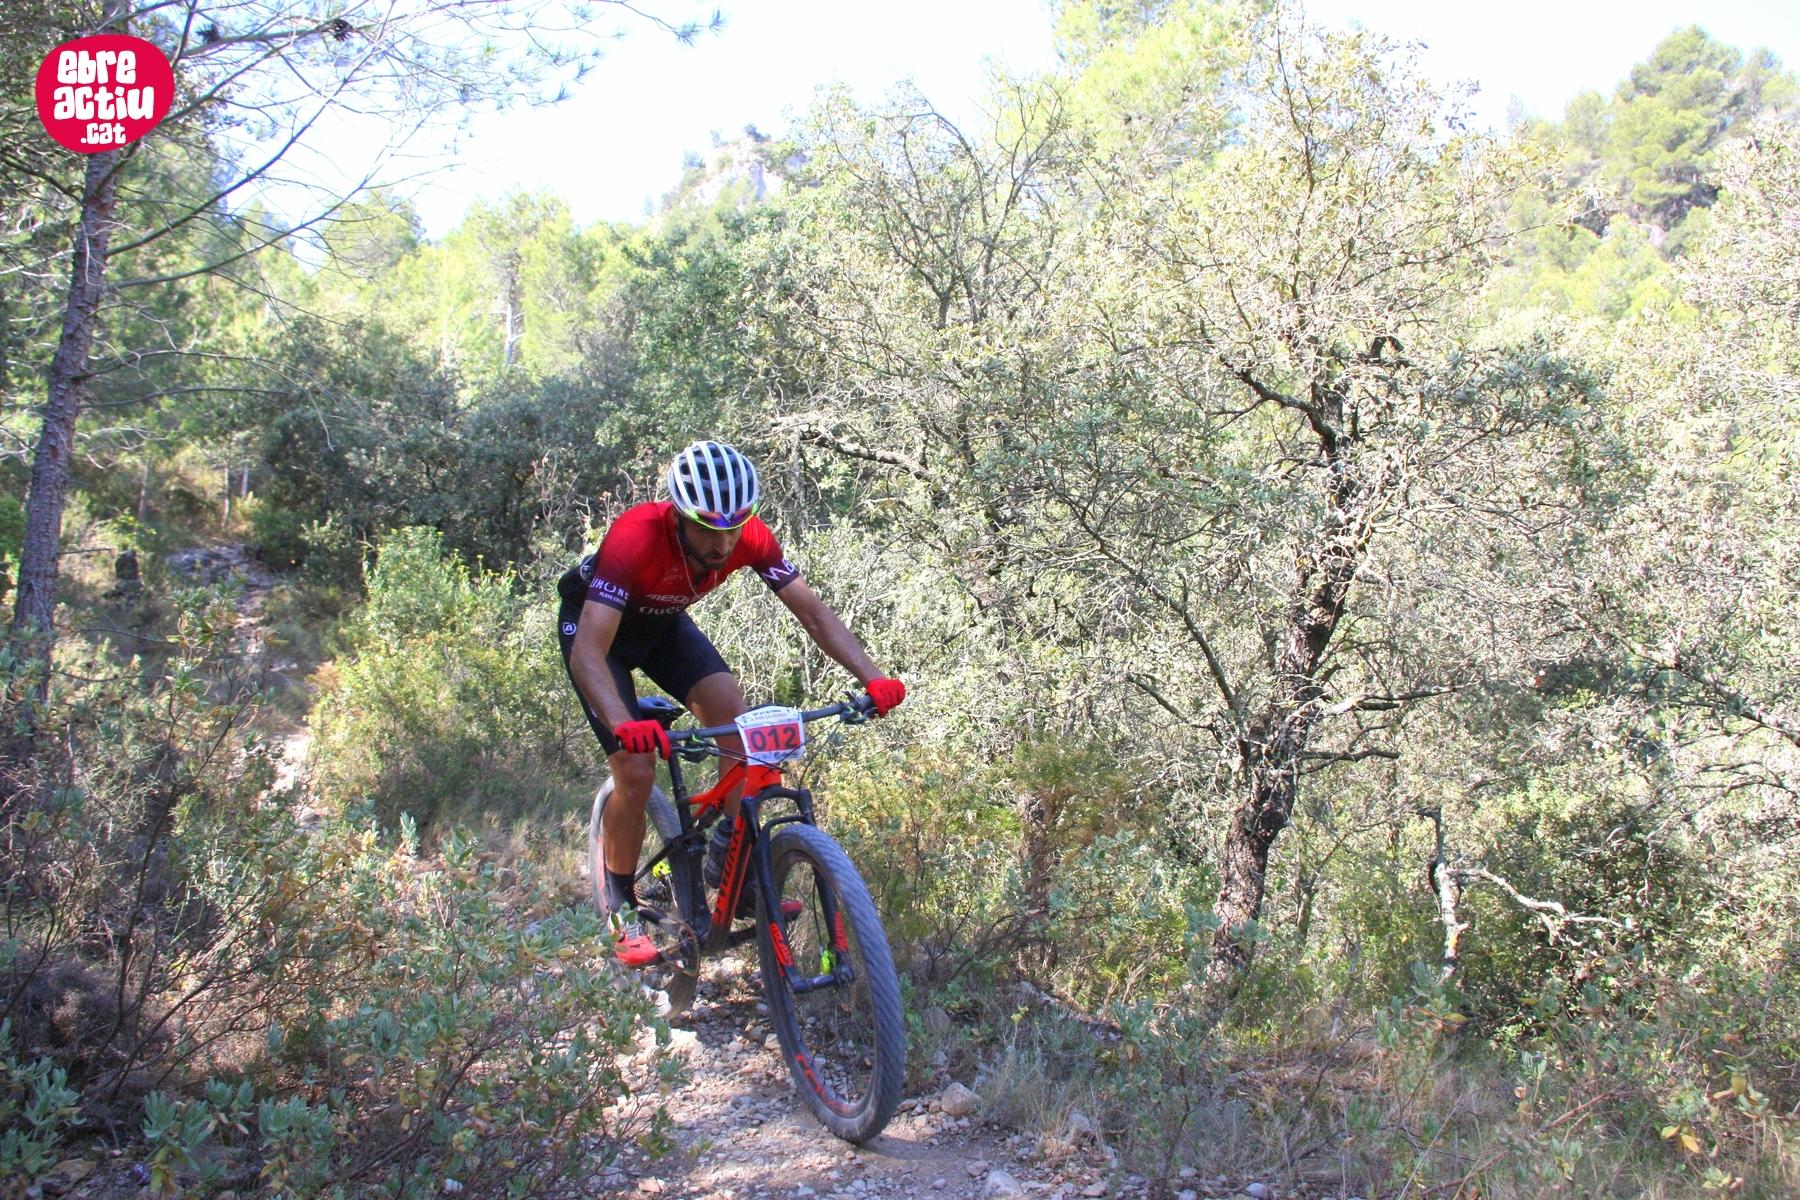 Fotos de la 12 cursa BTT A per la Cabra de Tivissa (2 de 2)